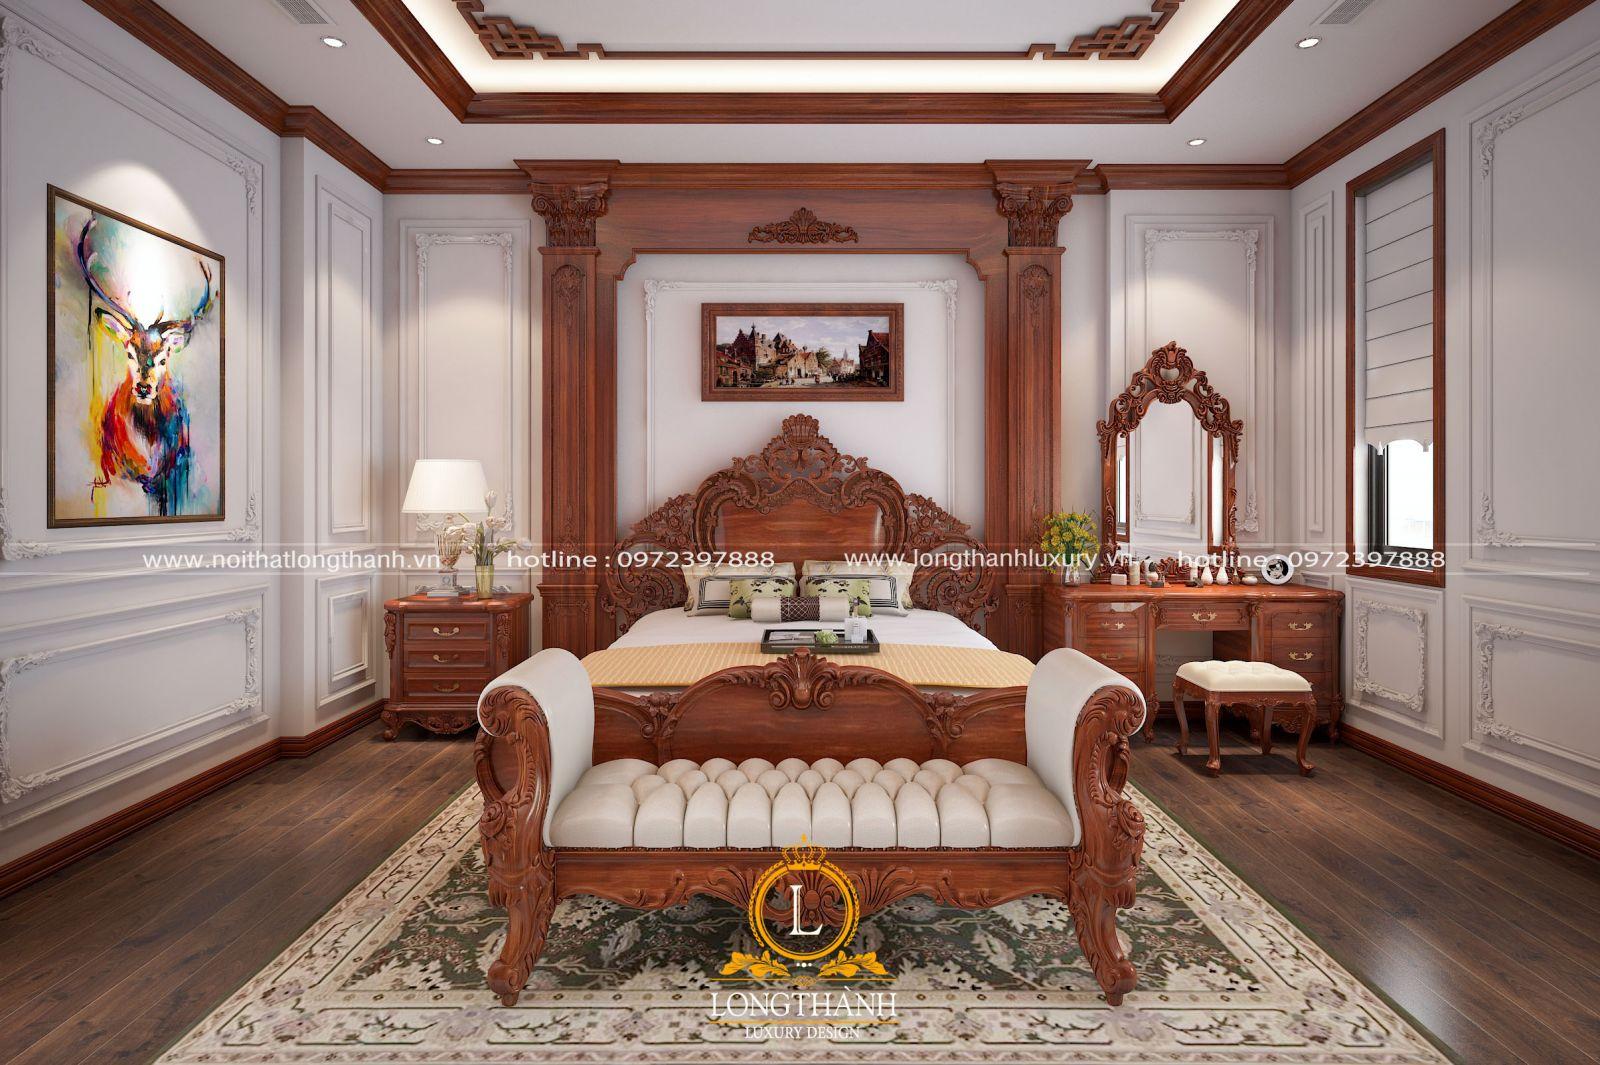 Những mẫu phòng ngủ cao cấp nhất, sang trọng nhất